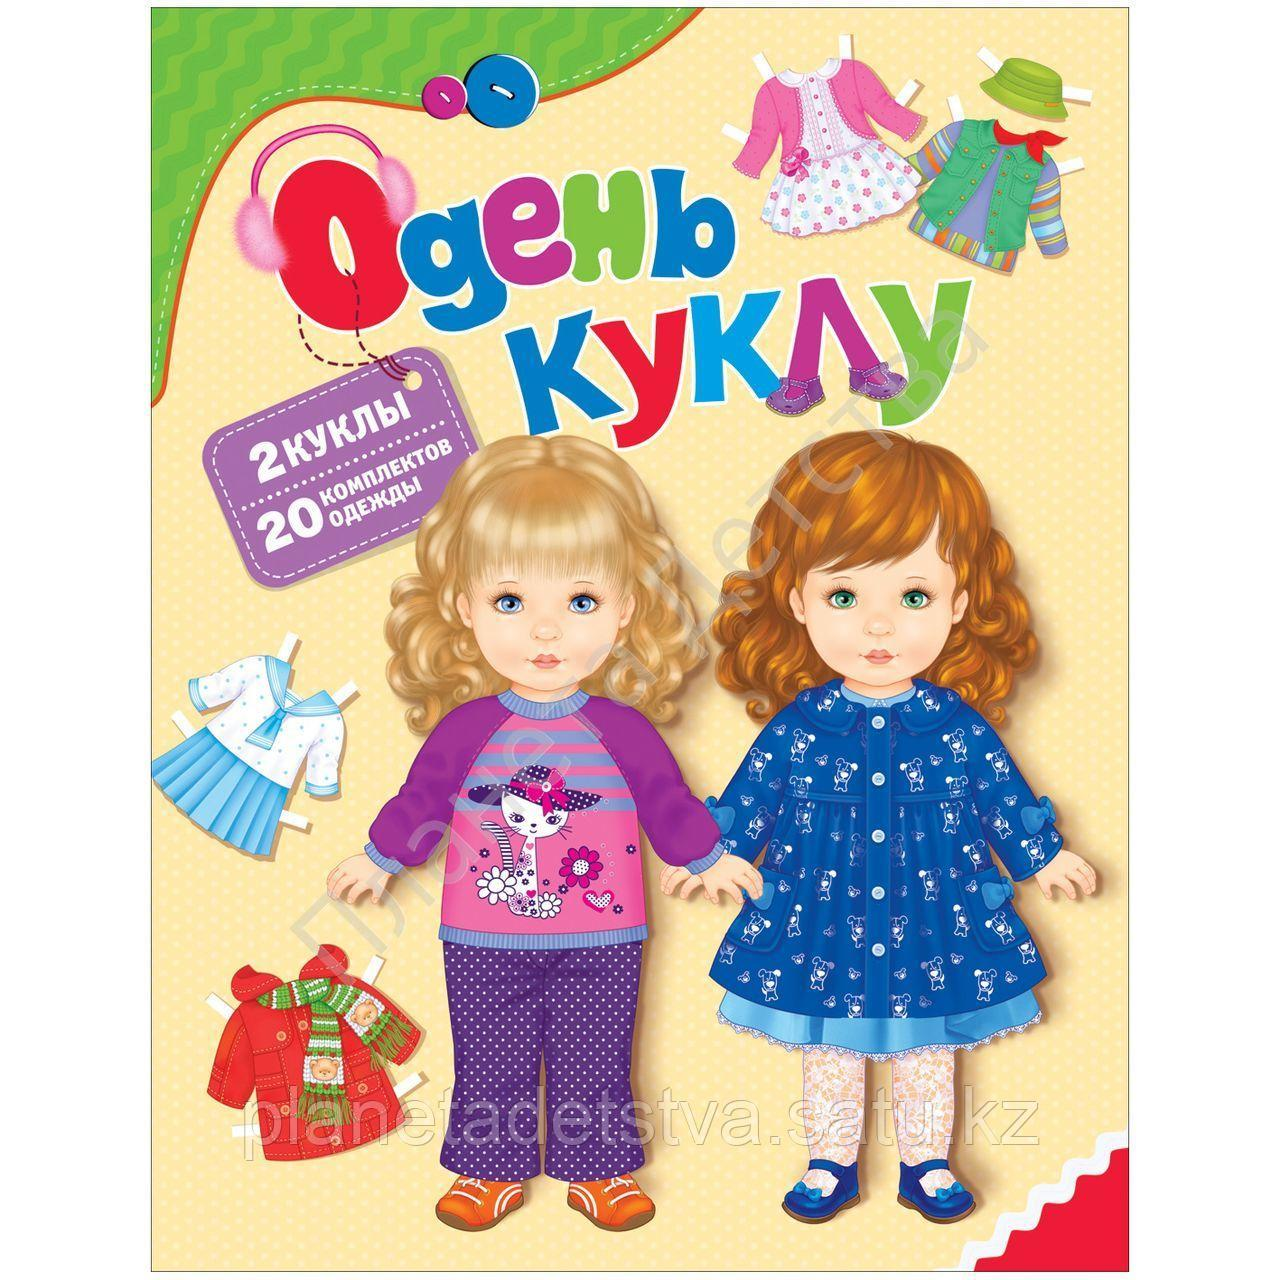 Одень куклу Книга с многоразовыми наклейками - фото 1